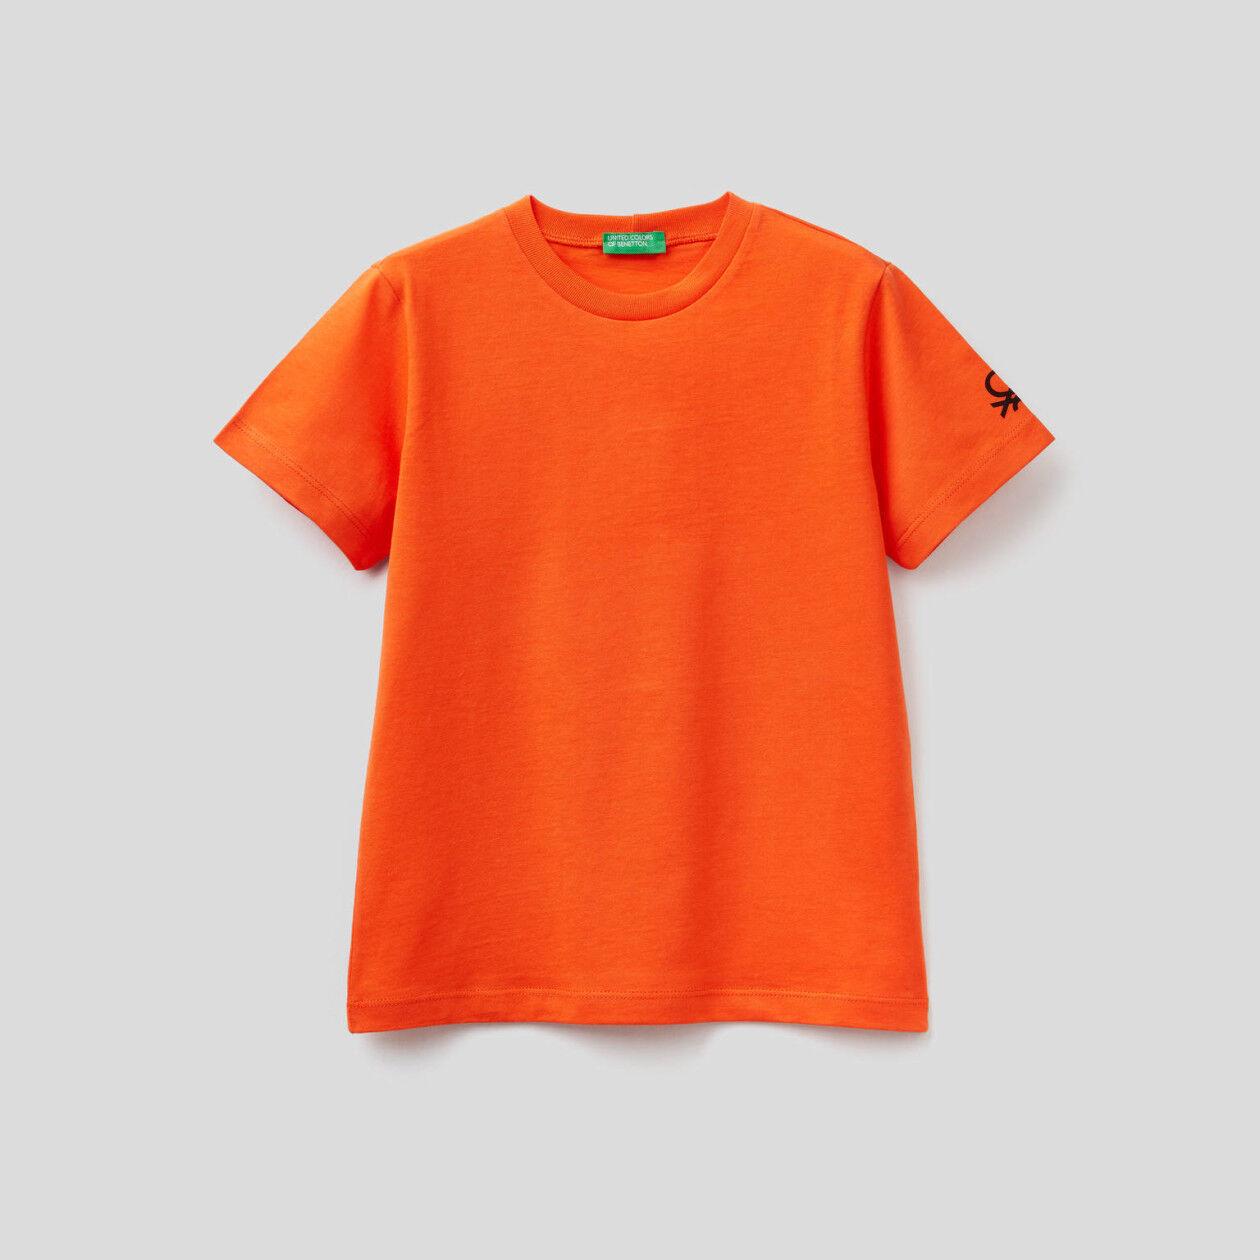 T-shirt en coton bio avec logo imprimé